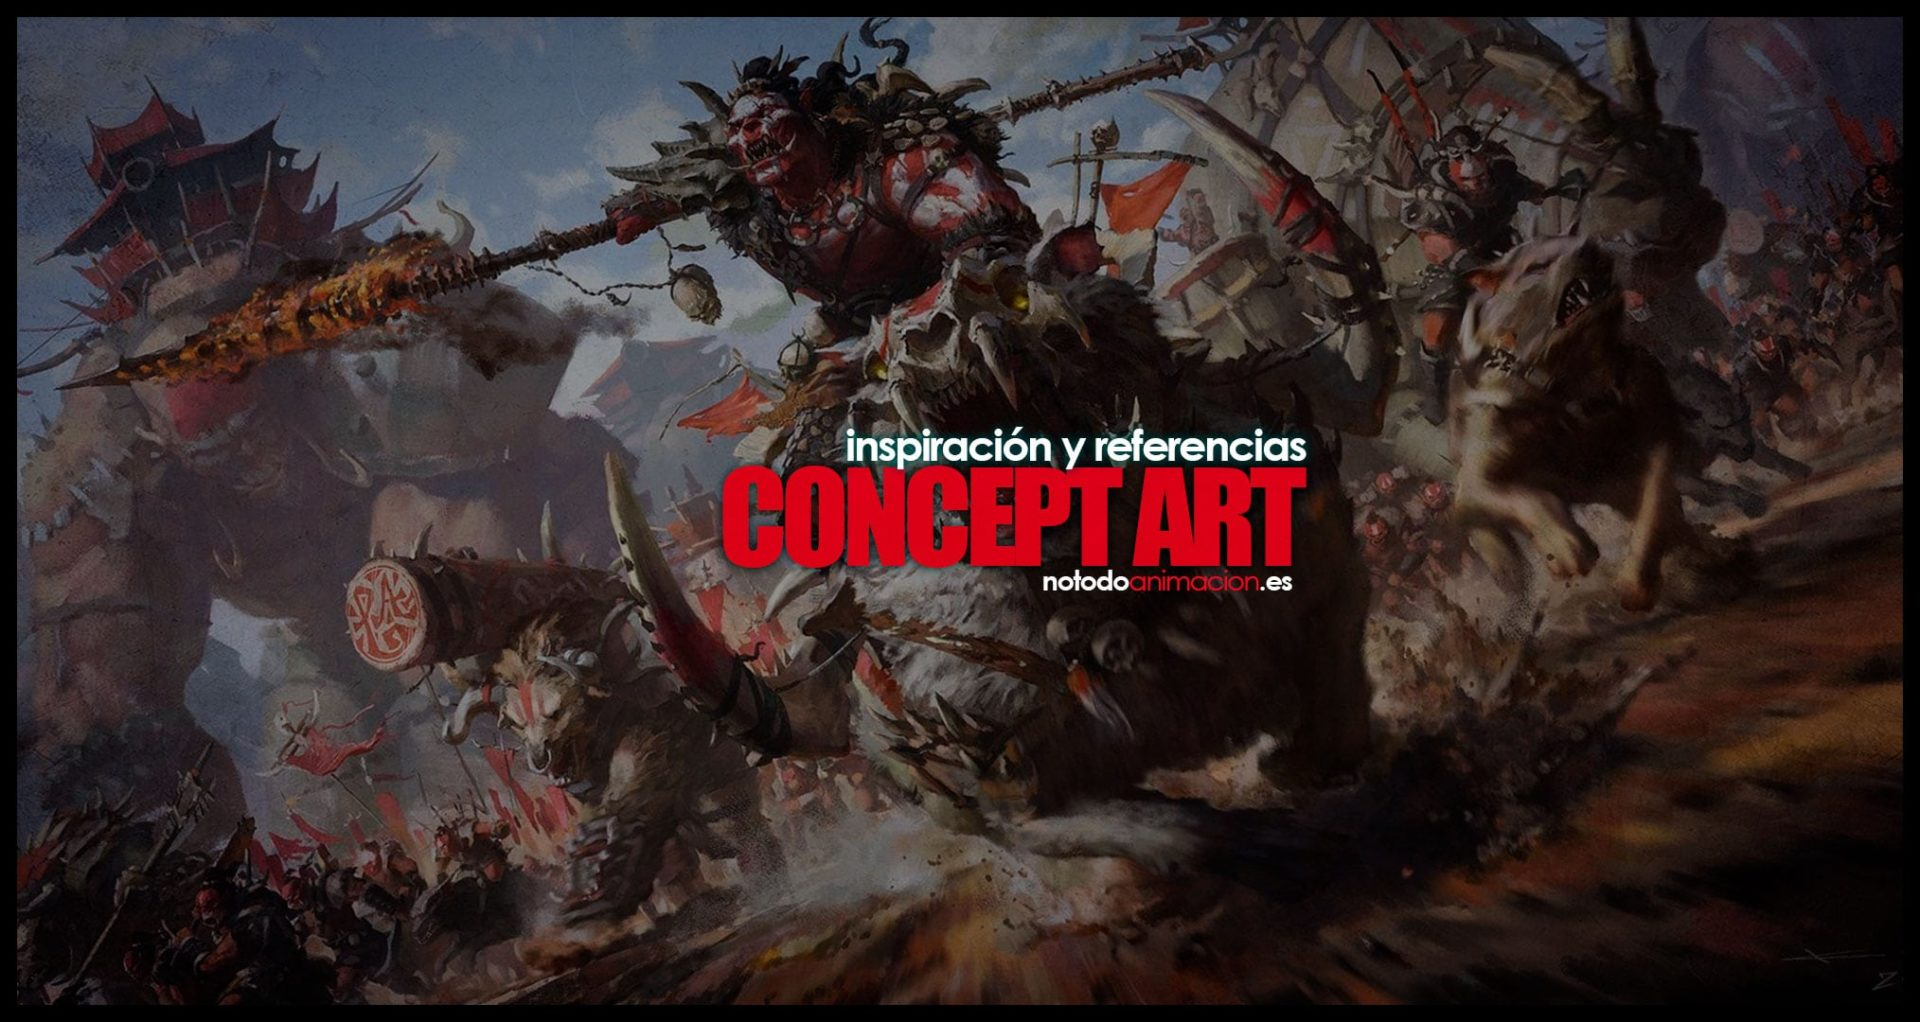 Inspiración y Referencias - Mas de 1.000 Ilustraciones y Concept Art-notodoanimacion